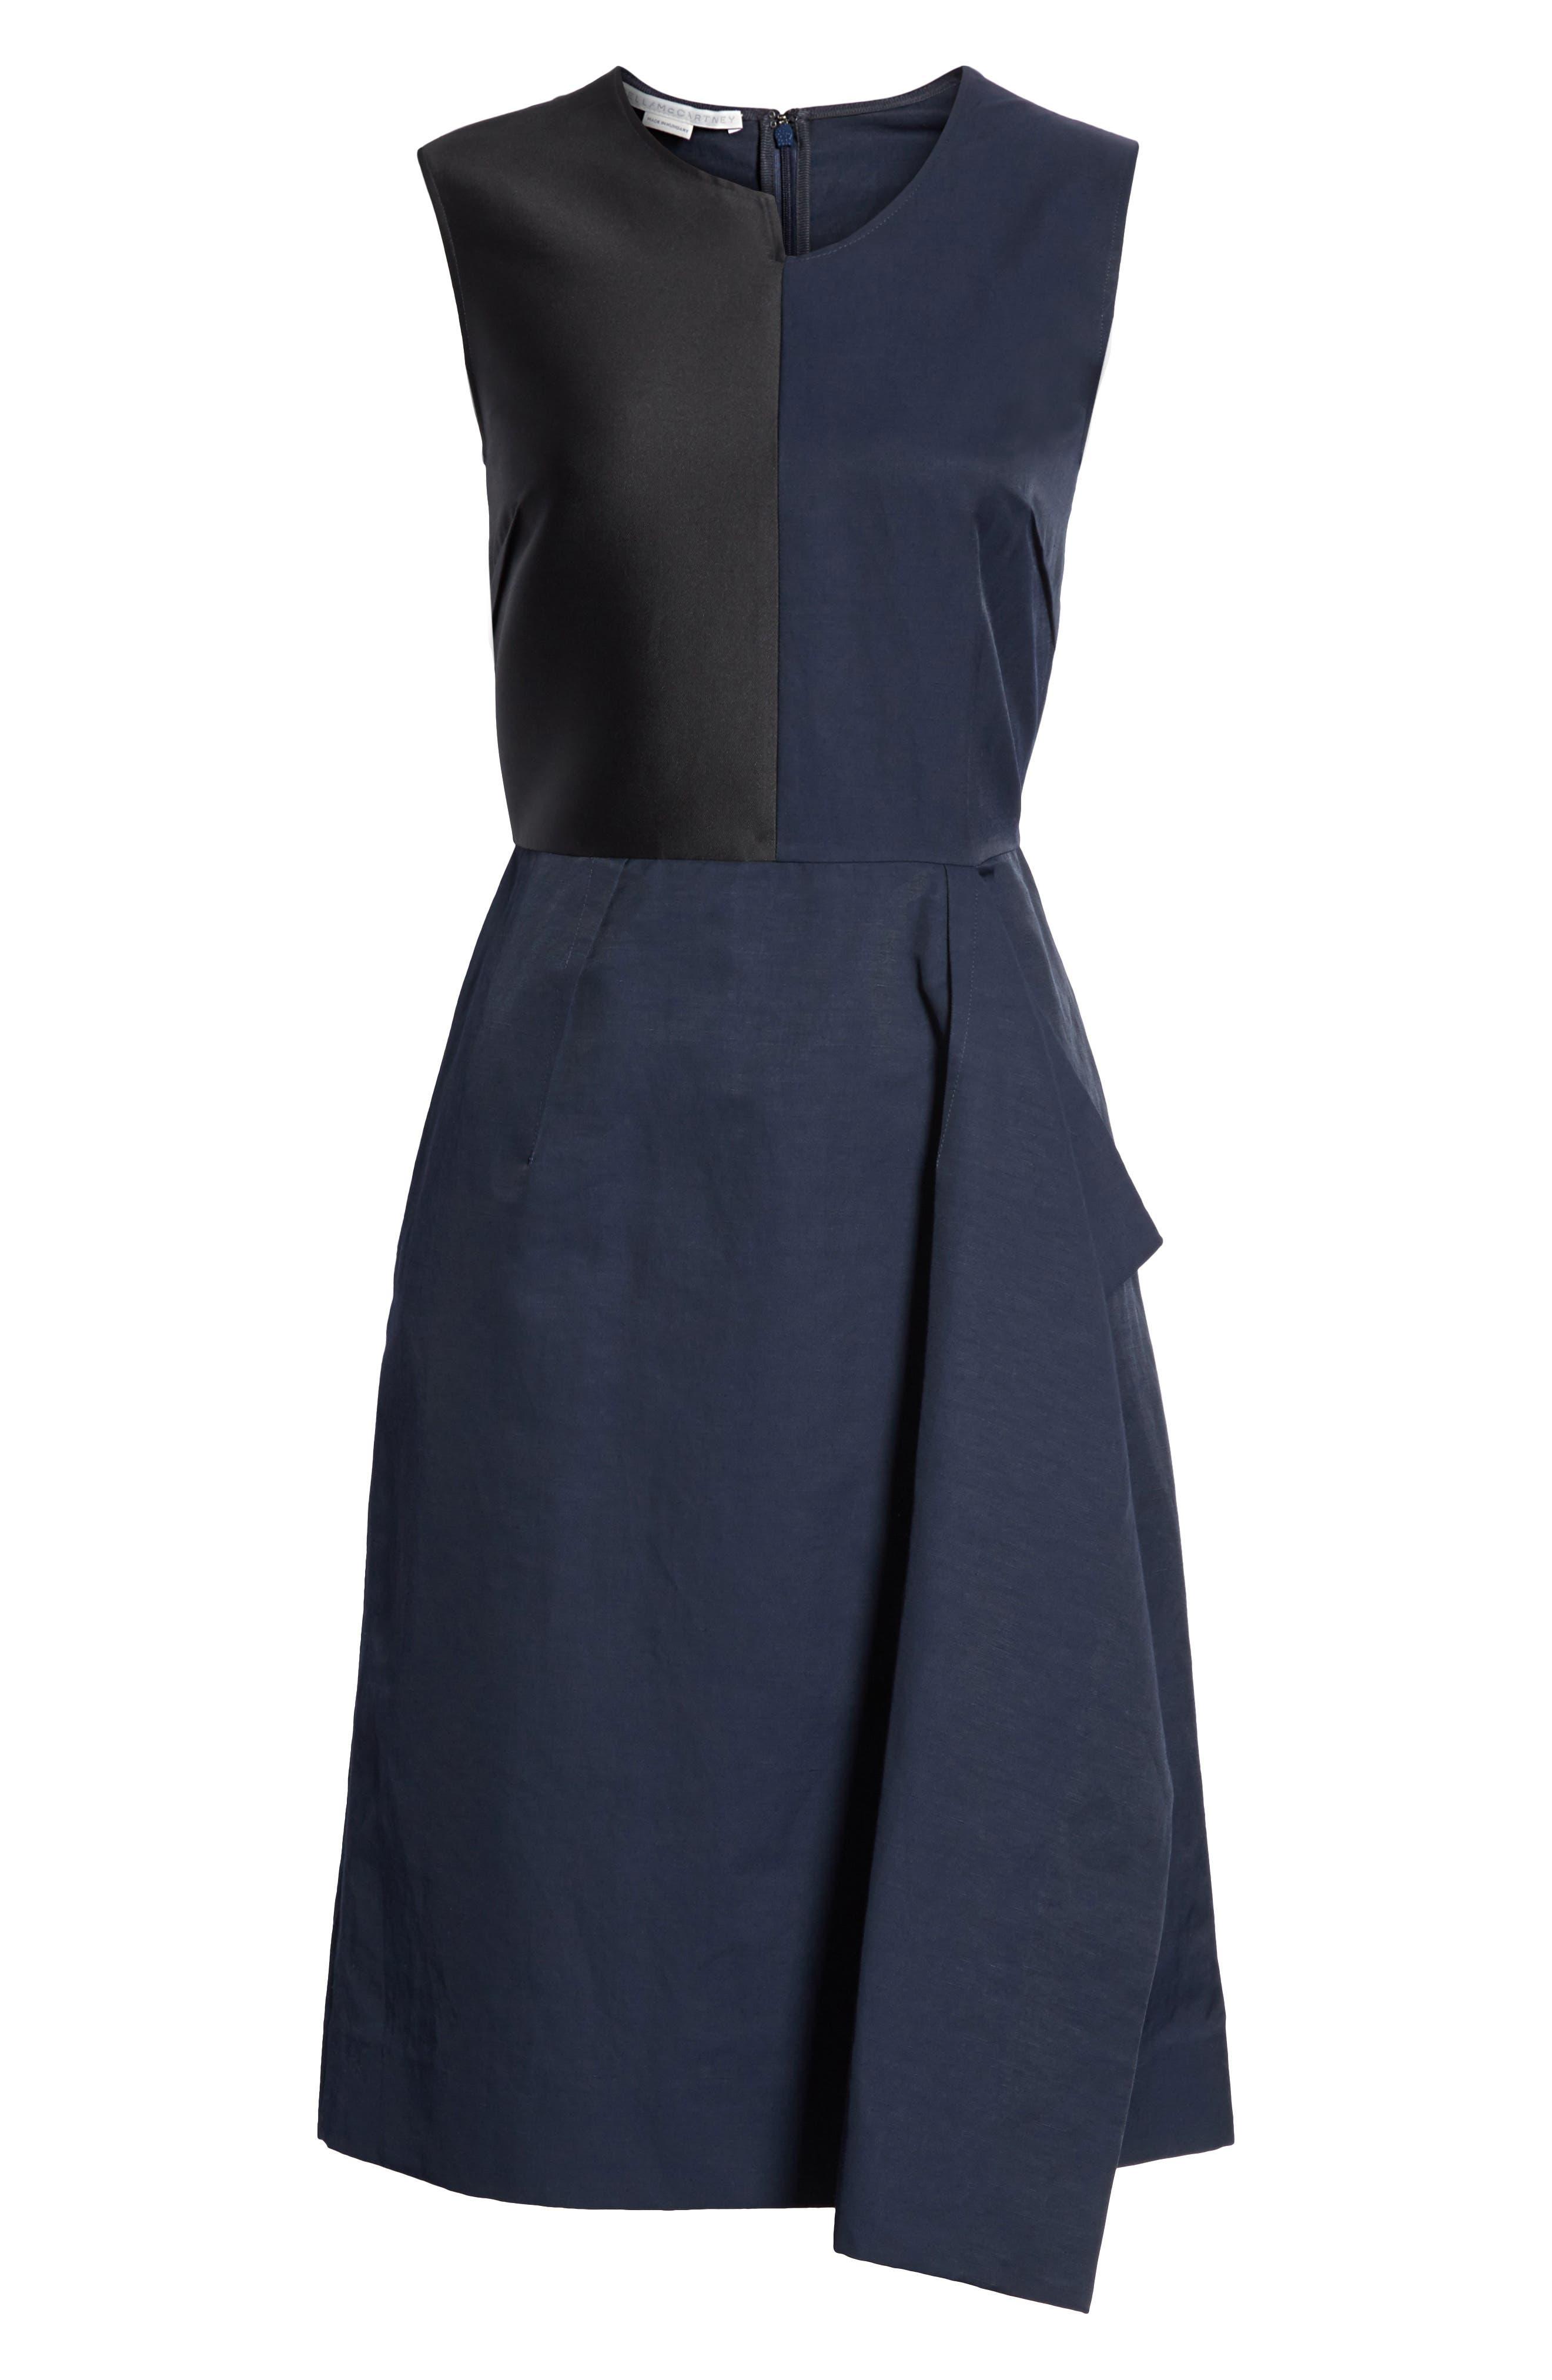 Patchwork A-Line Dress,                             Alternate thumbnail 6, color,                             001